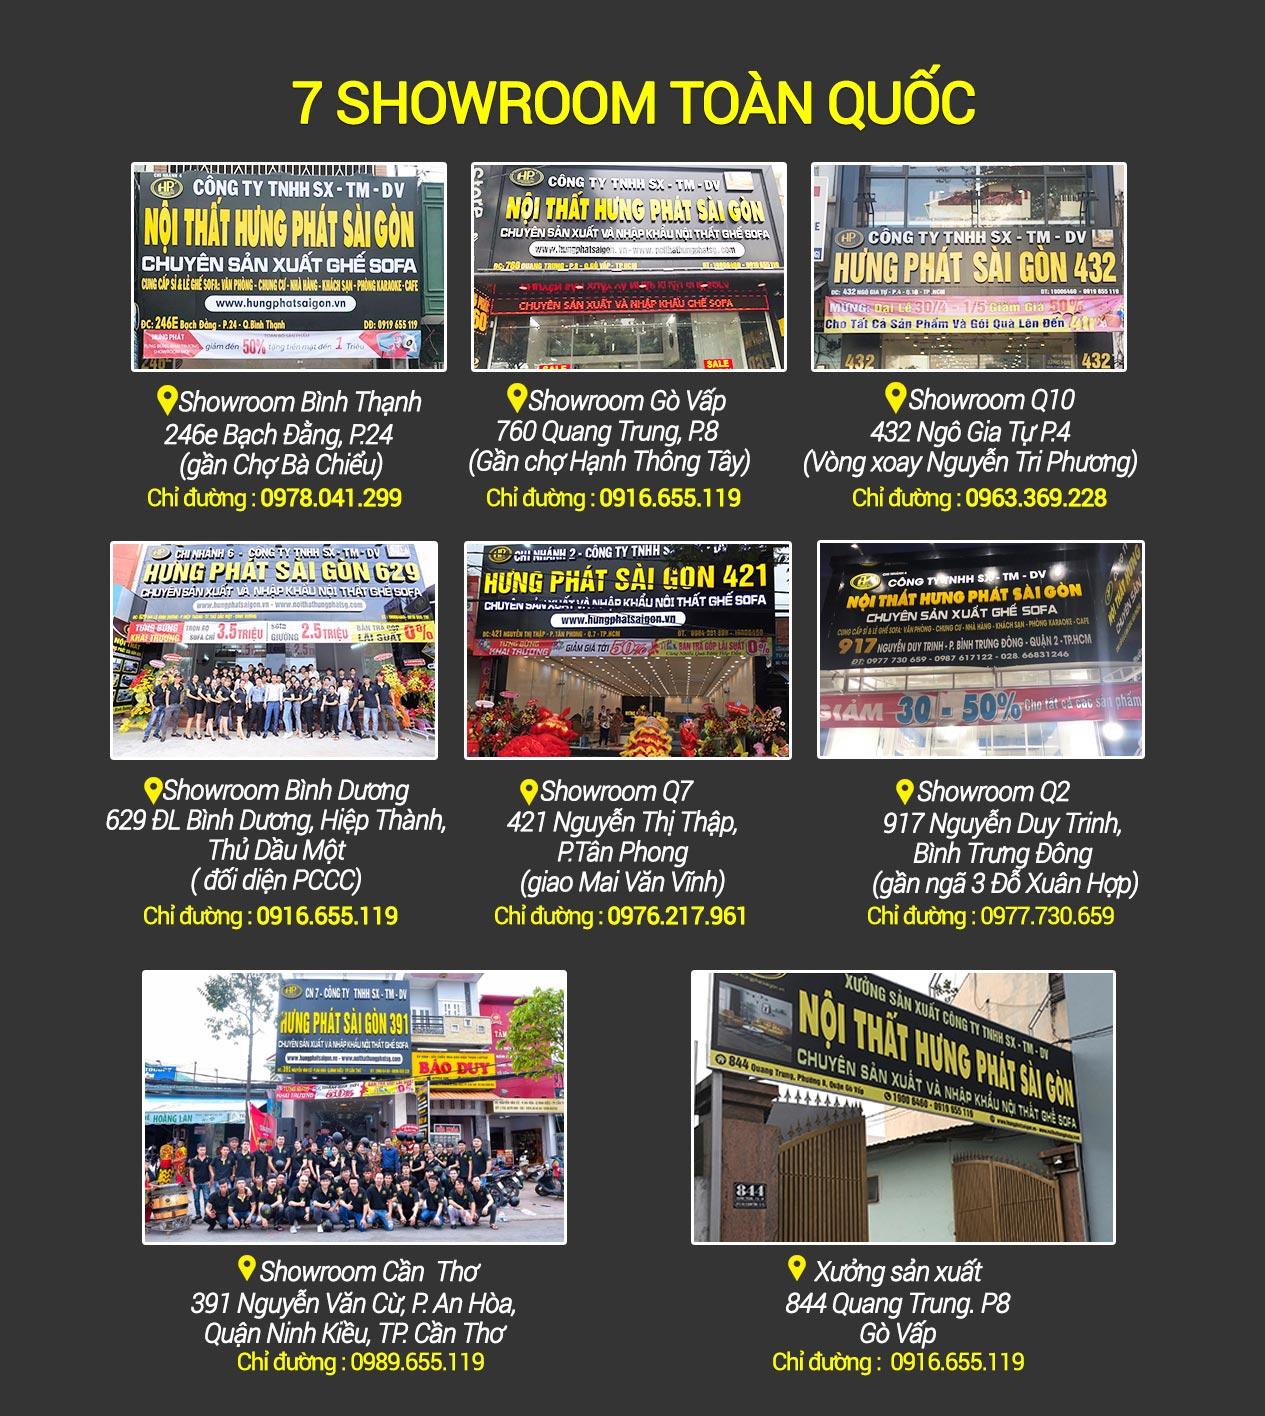 7 chi nhánh showroom của hungphatsaigon.vn